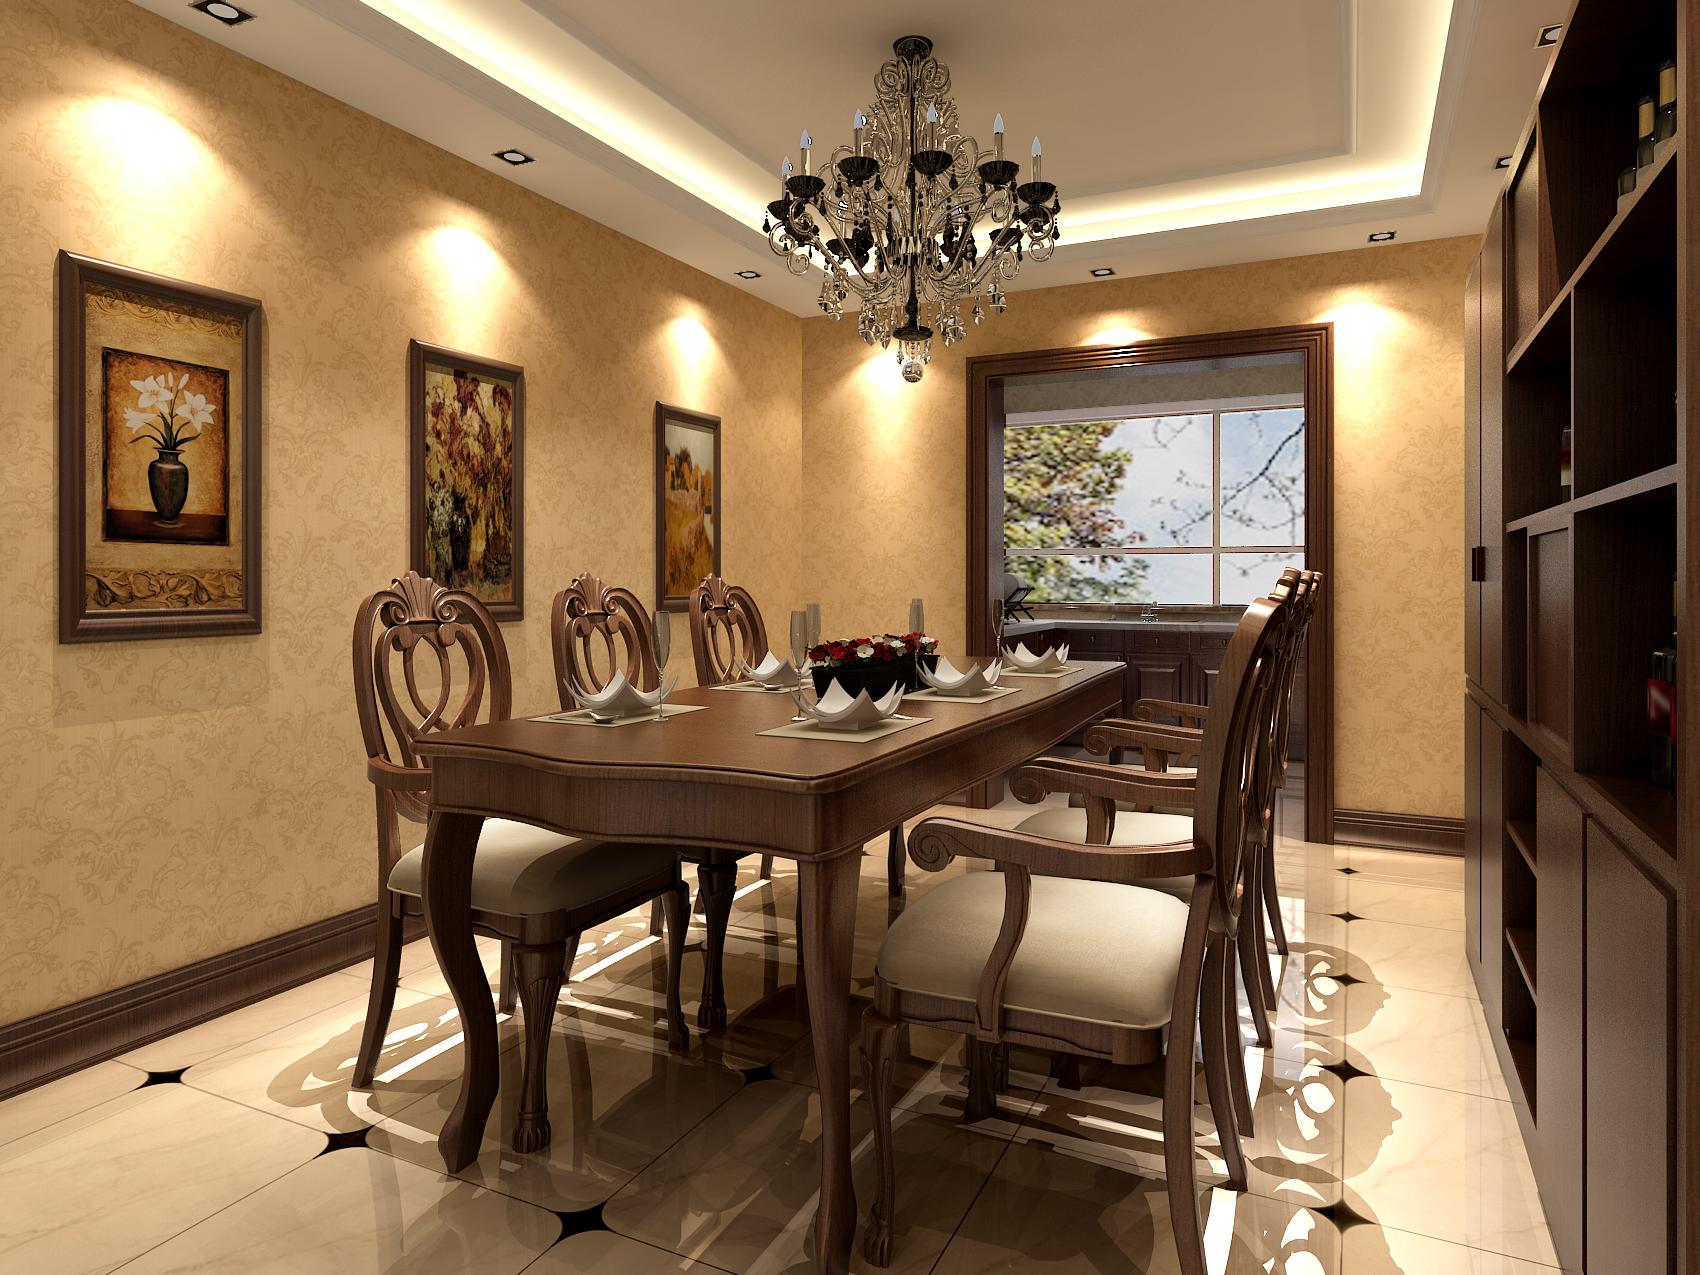 餐厅图片来自今朝装饰小徐在蓝天家园 210平欧式风格的分享